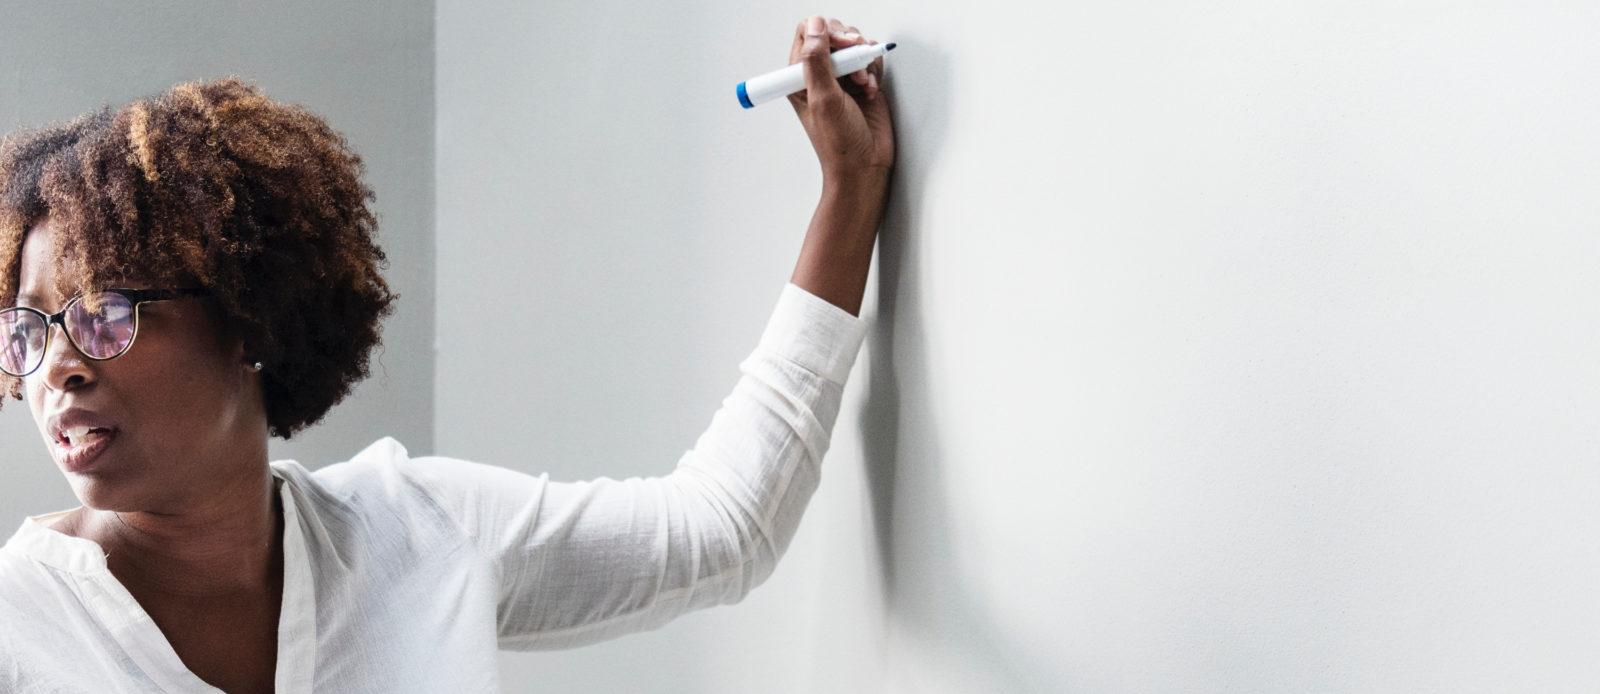 Teacher Writes on White Board